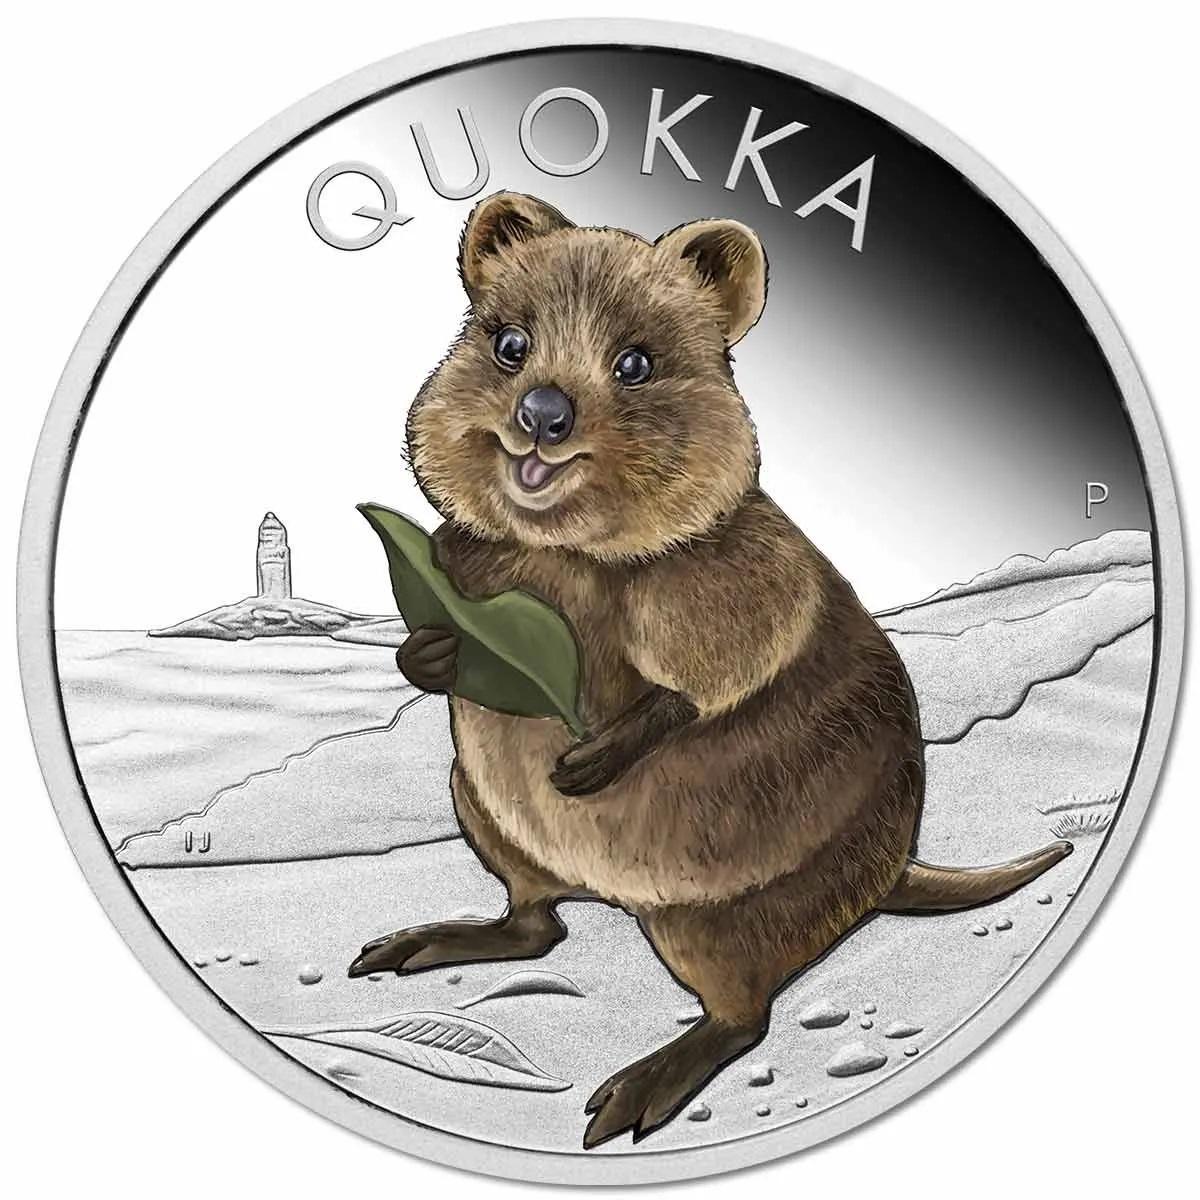 Австралия монета 1 доллар Квокка, реверс